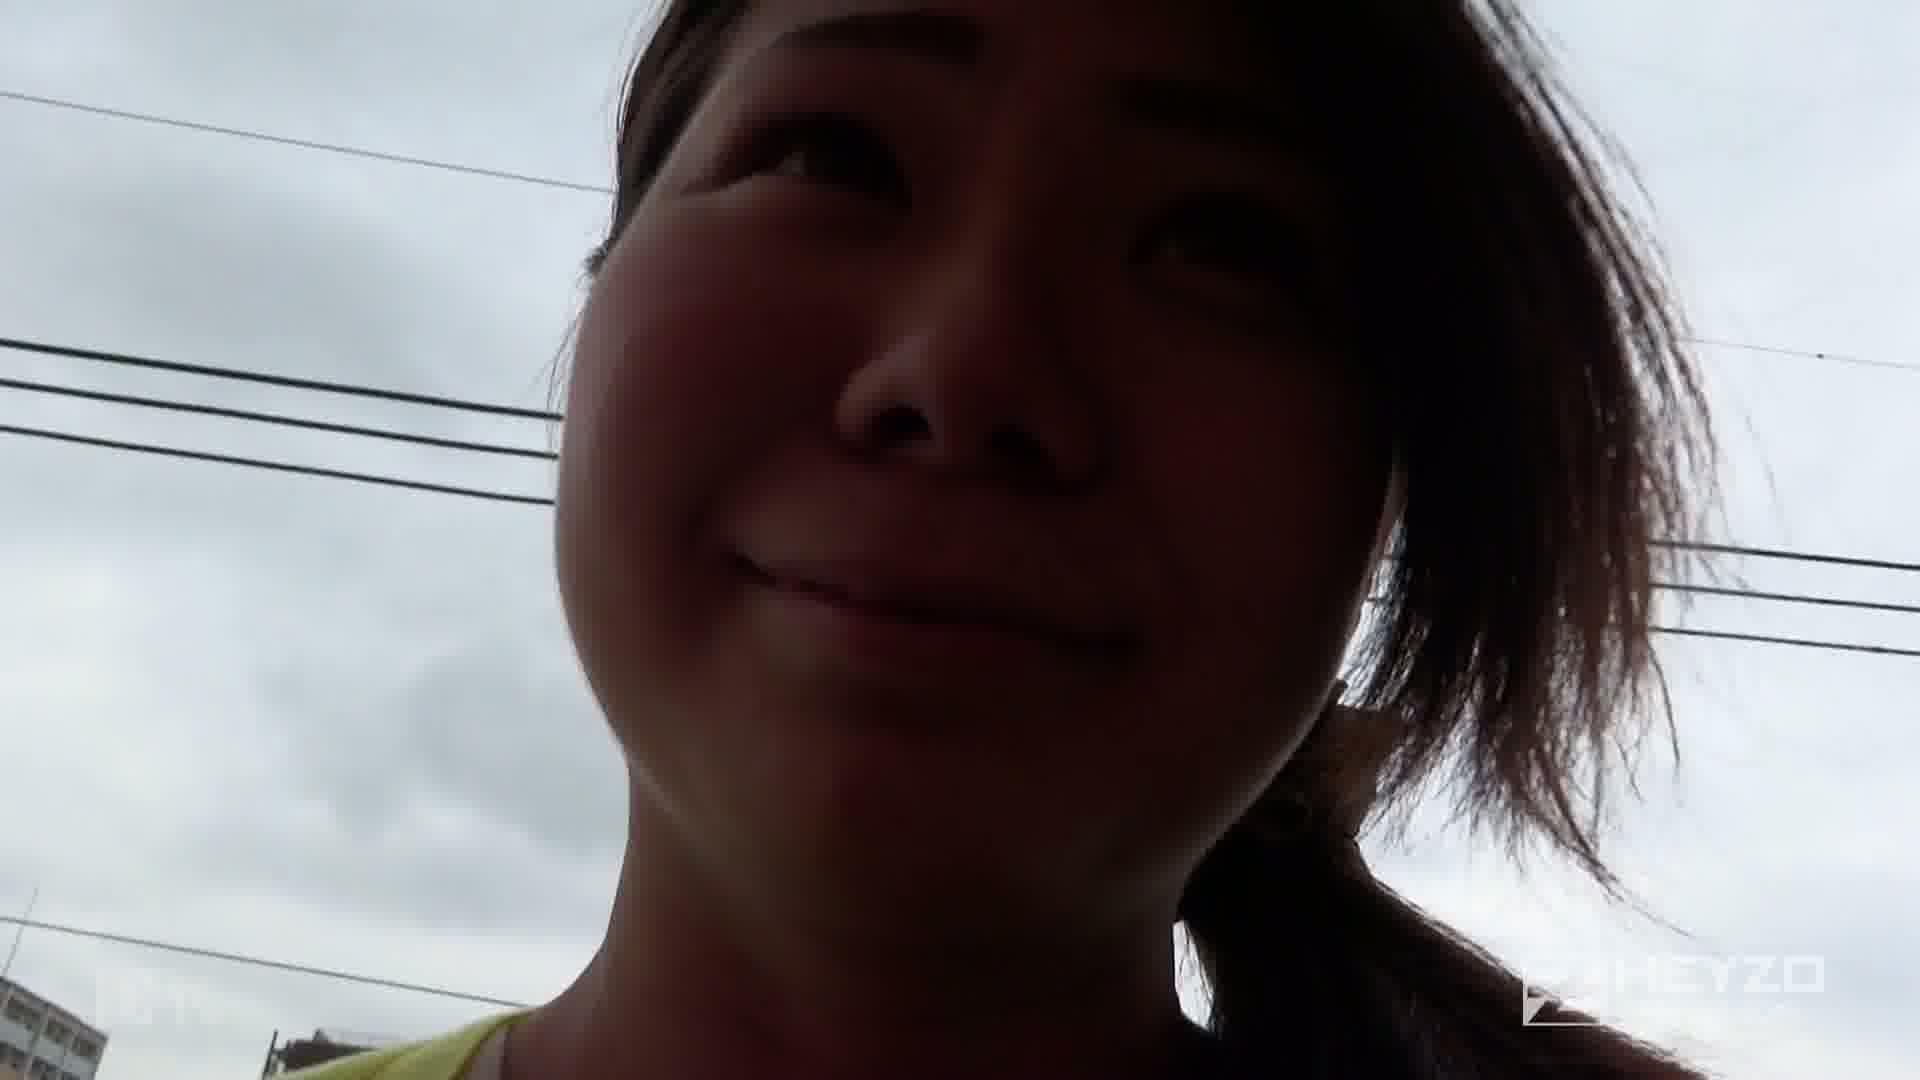 オトナのオモチャのモニターお願いします! - 平田くるみ【リモートローター 脱衣】